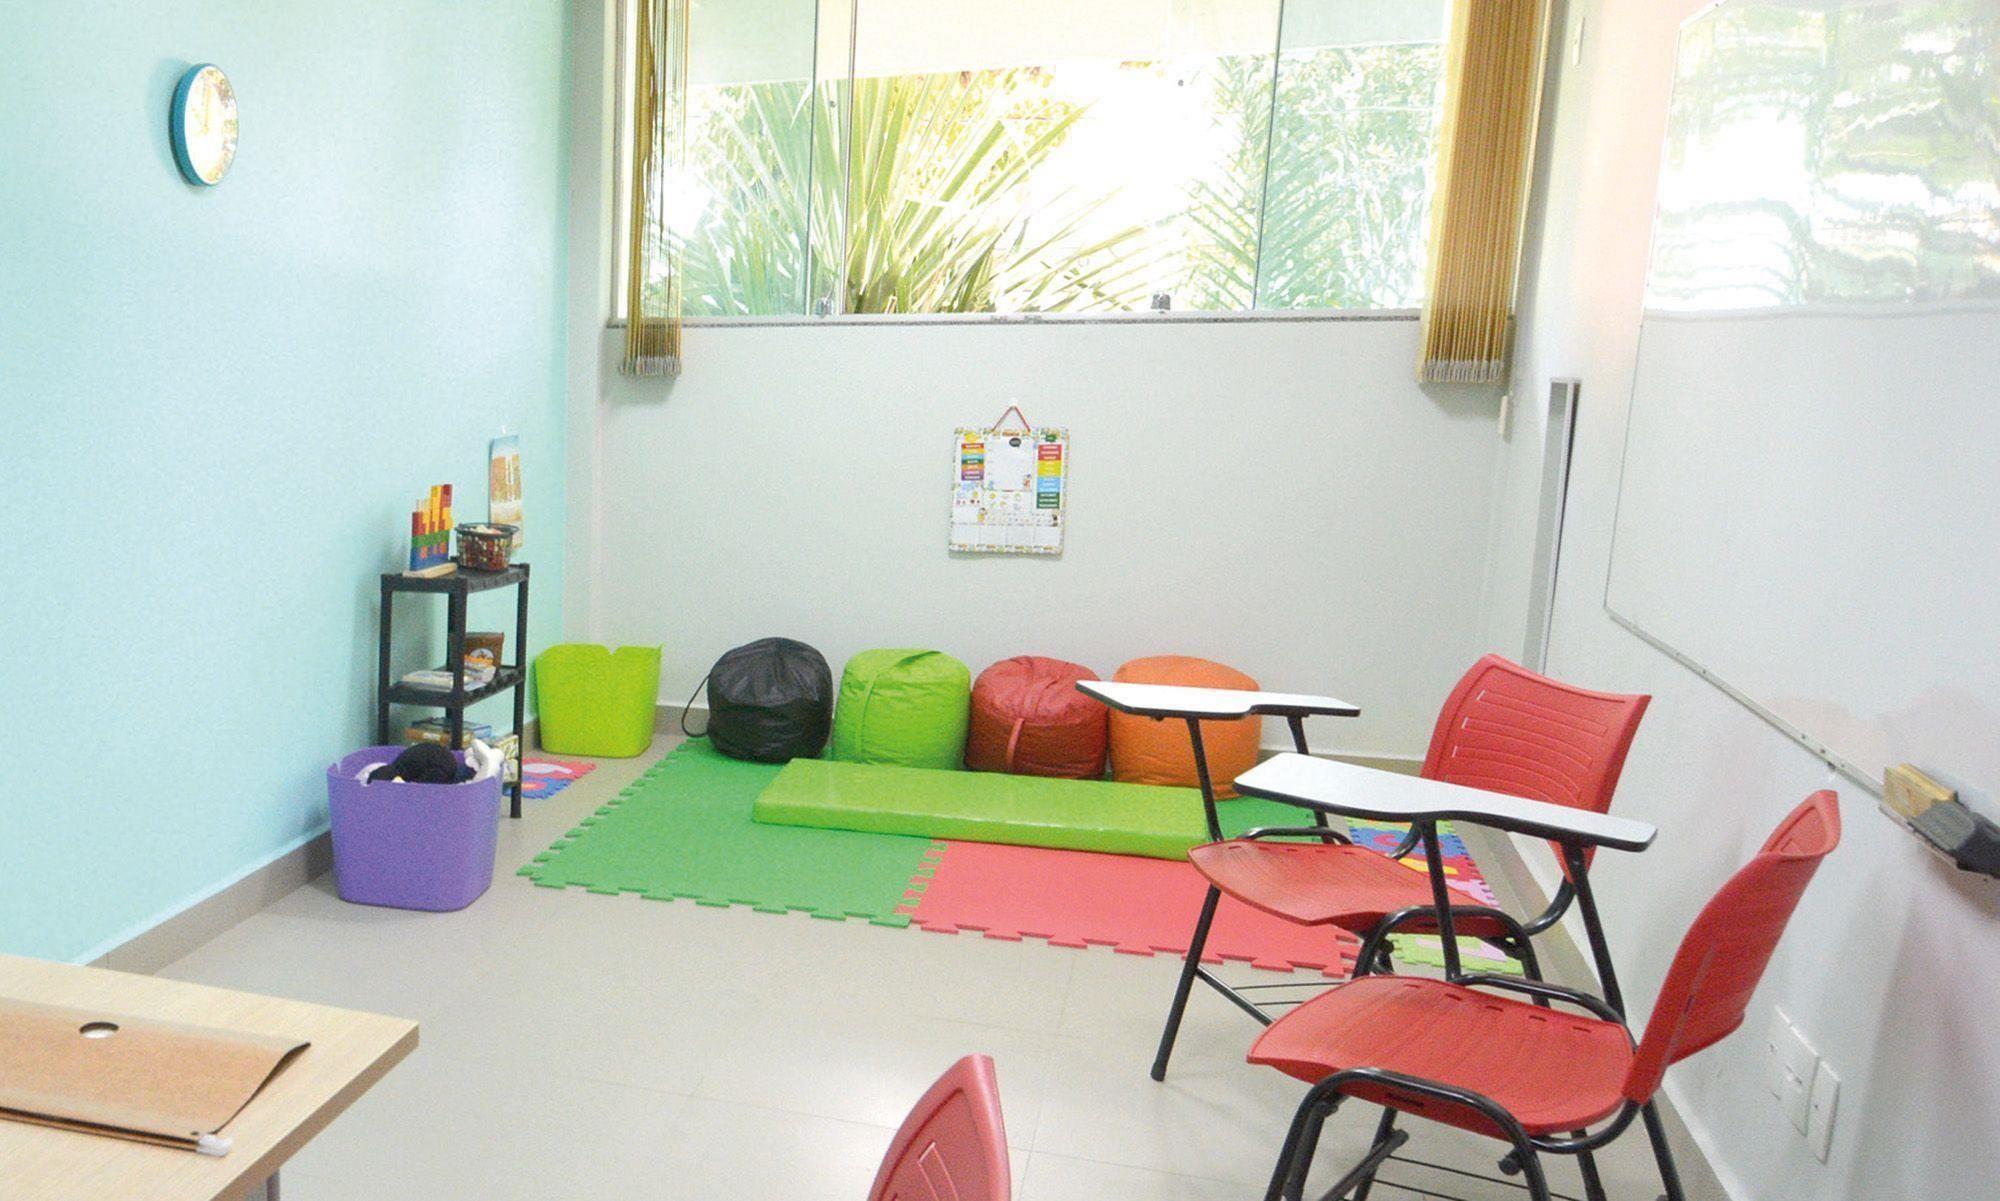 psicopedagógico, escolar, karina, sala, , Foguinho/Arquivo